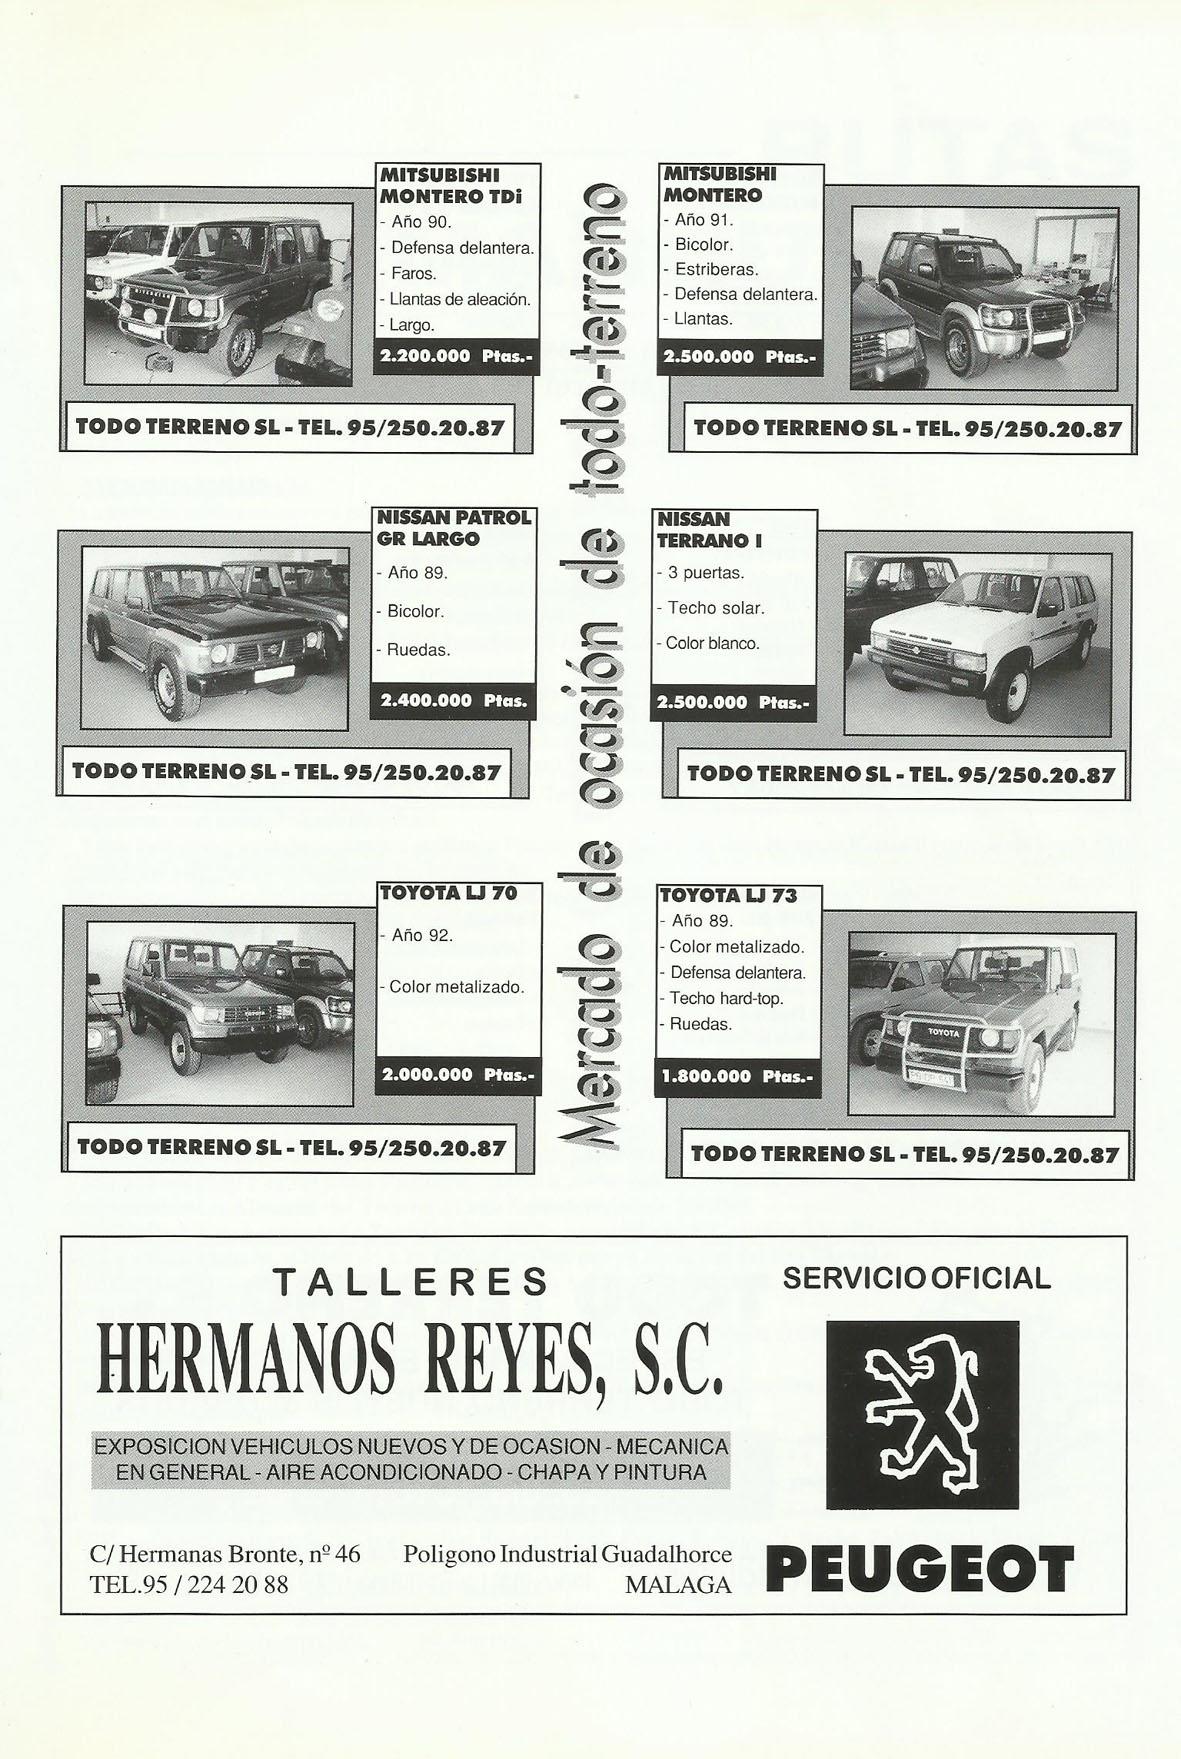 Revista Local 4x4 32 23 Mercado de Ocasión 4x4 y Publicidad Talleres Hermanos Reyes Peugeot